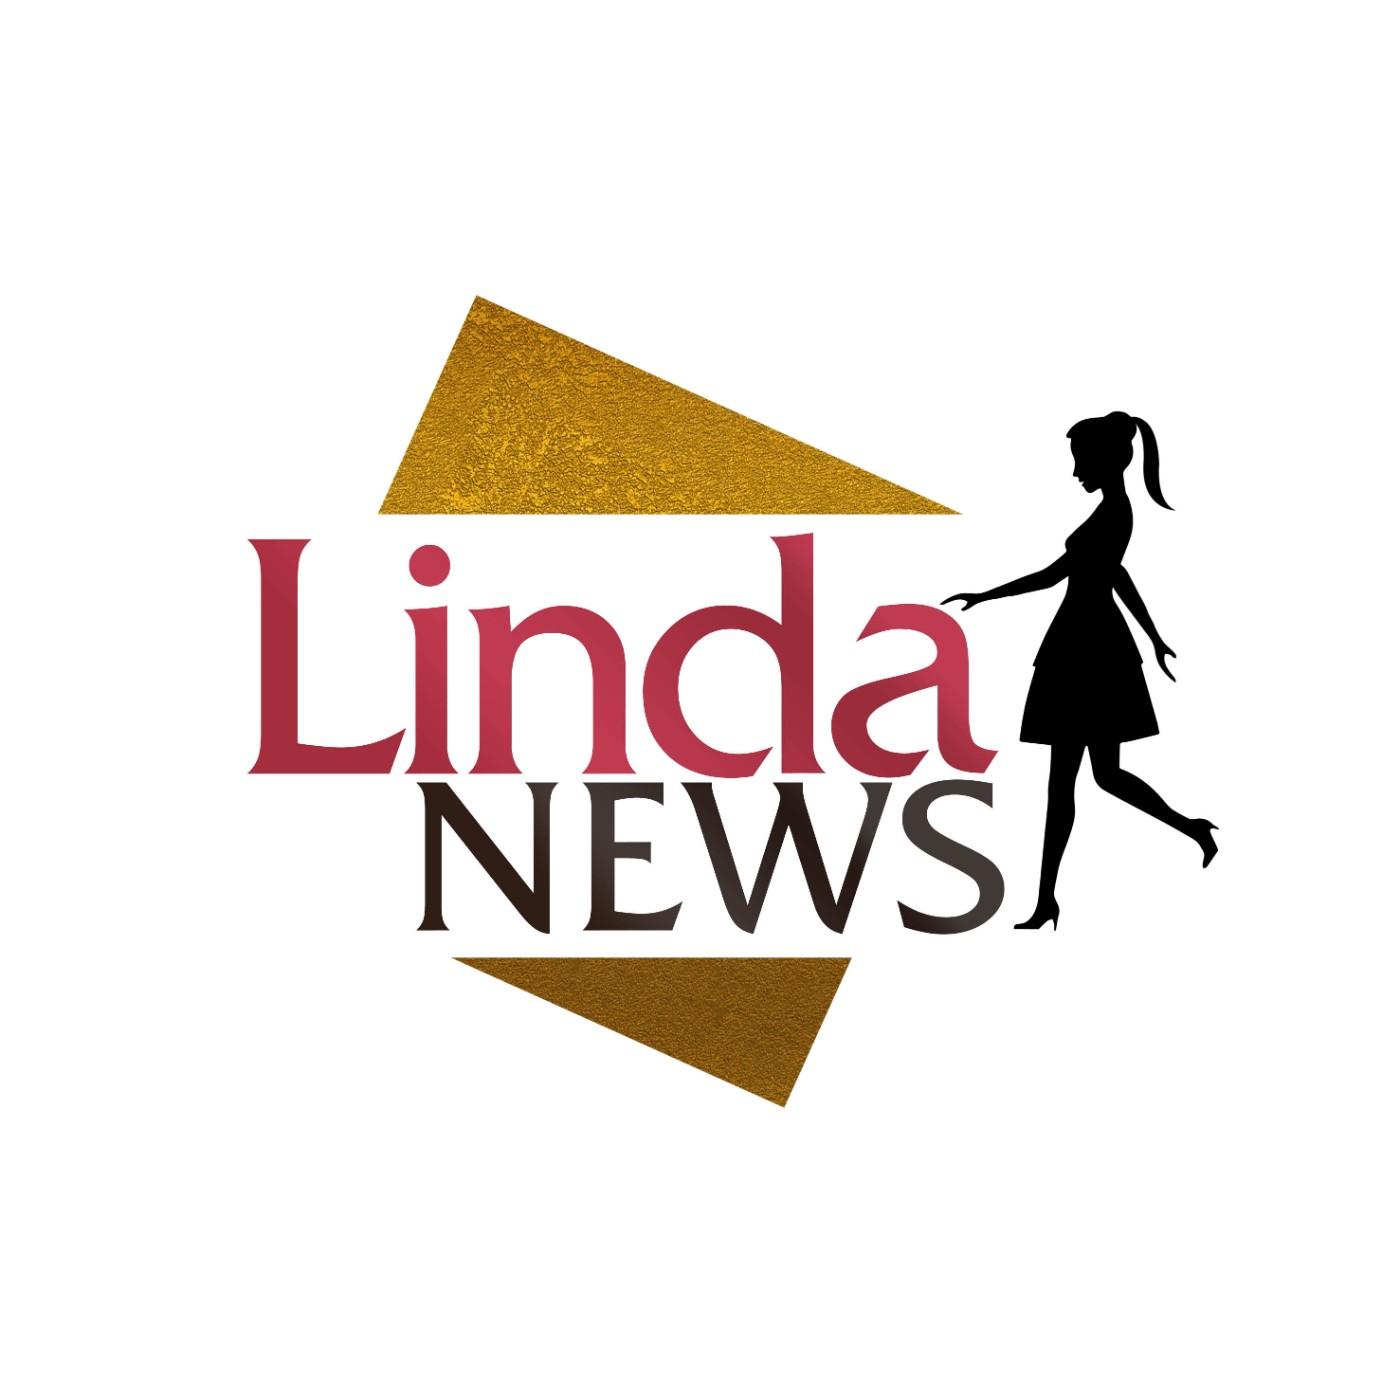 【LINDA NEWS 最錢線】2021/04/15 傳產攜金 多頭翻身登萬七|GMoney